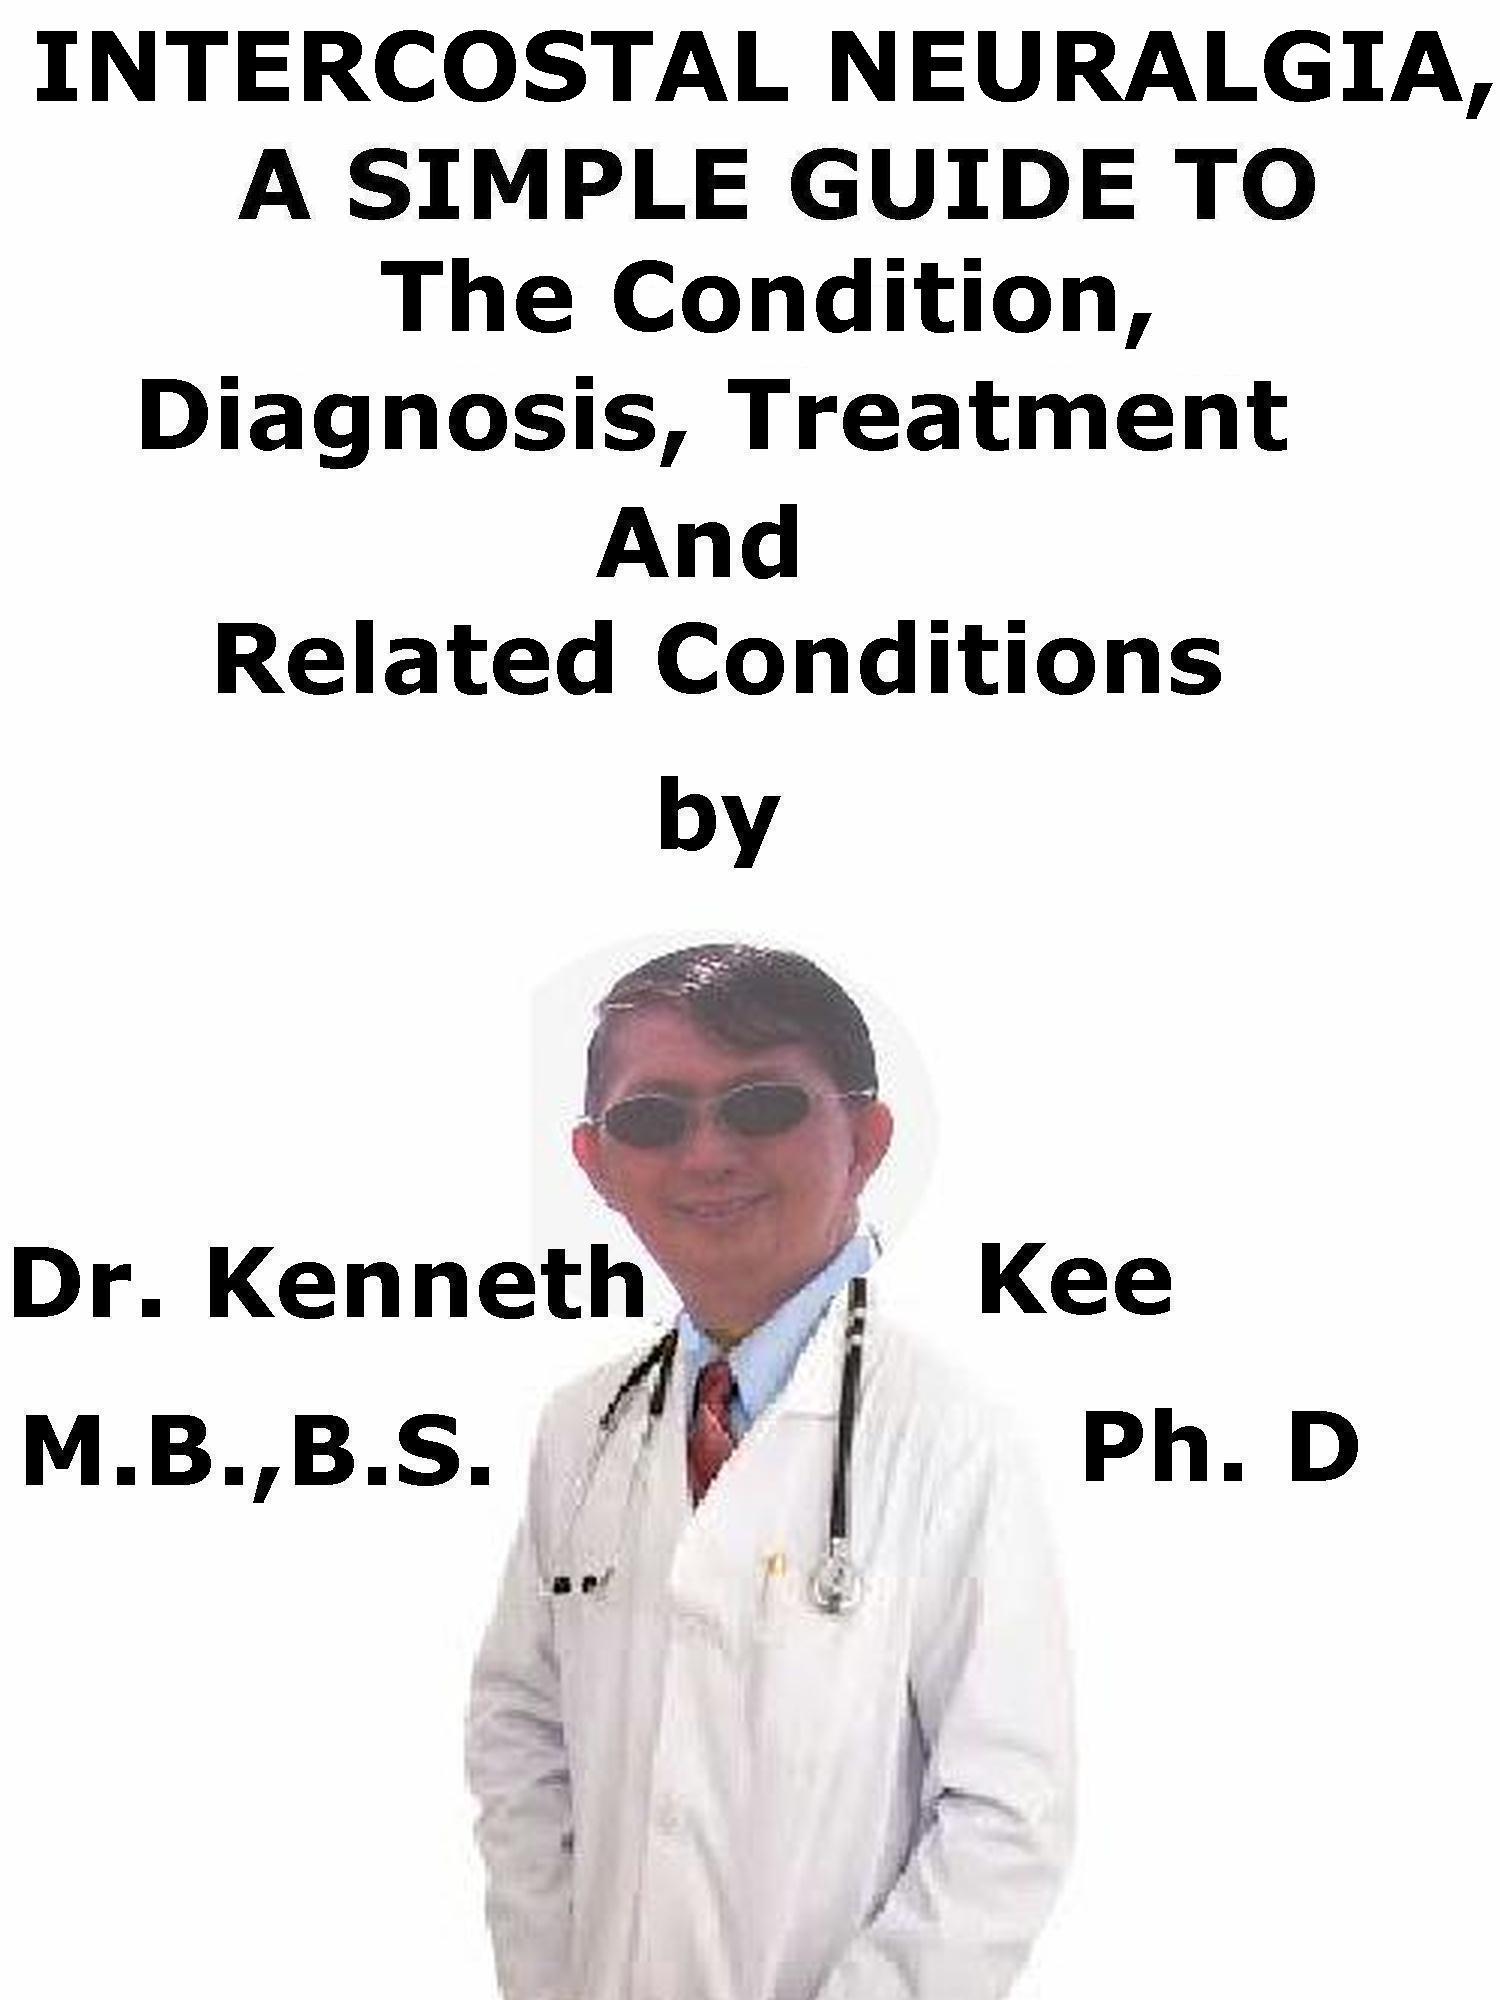 Intercostal neuralgia: symptoms, diagnosis and treatment